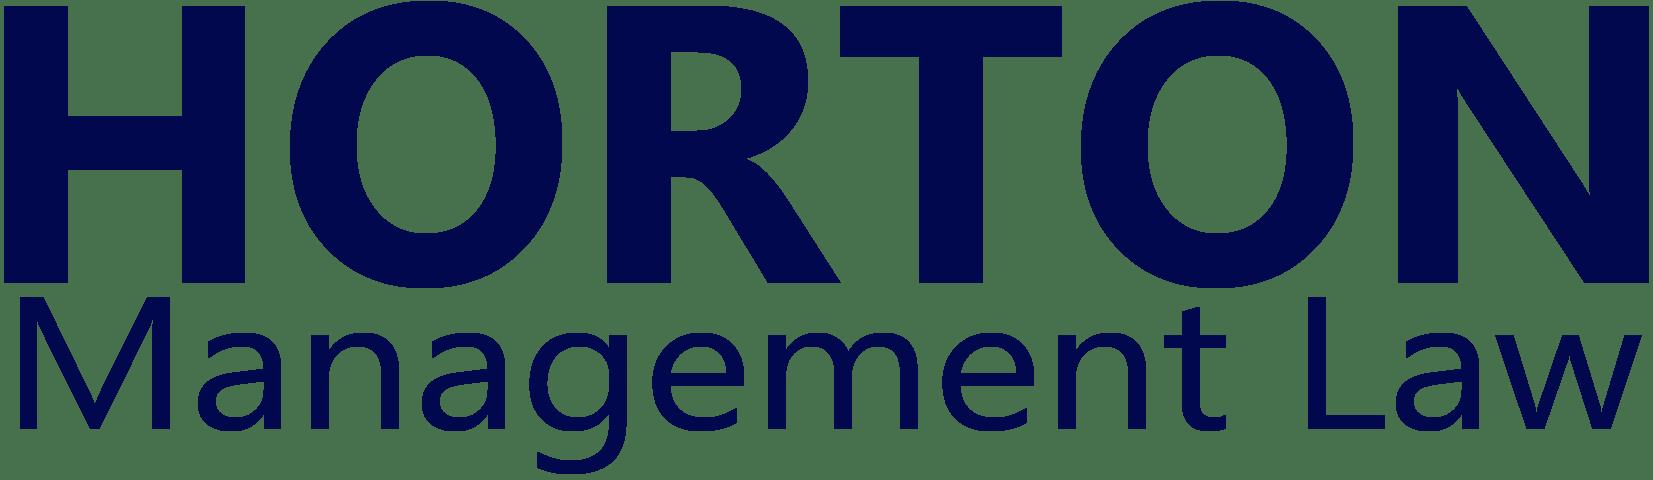 Horton-Management-Law